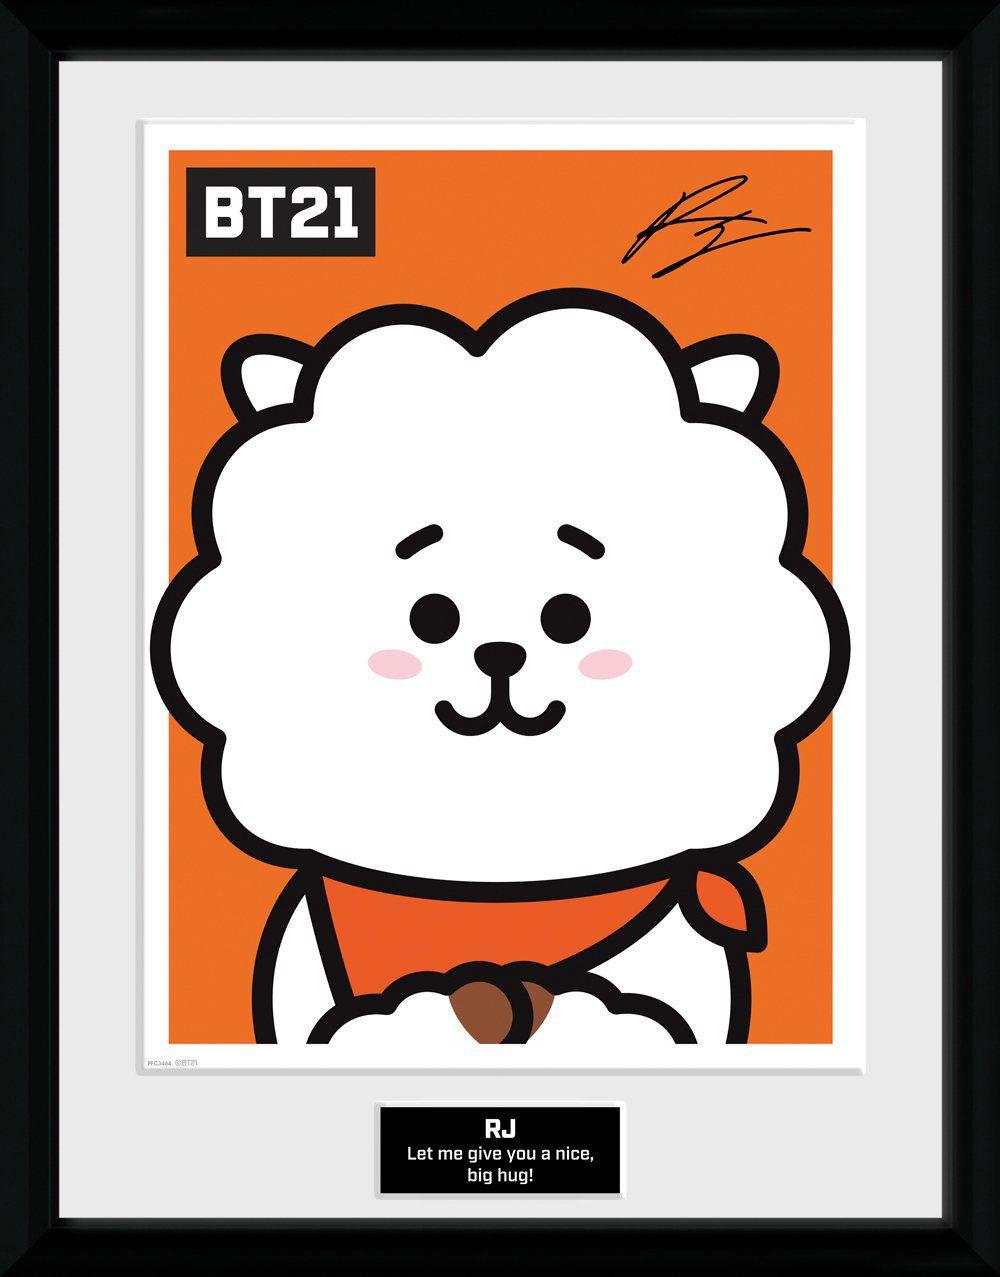 BT21 Framed Poster RJ